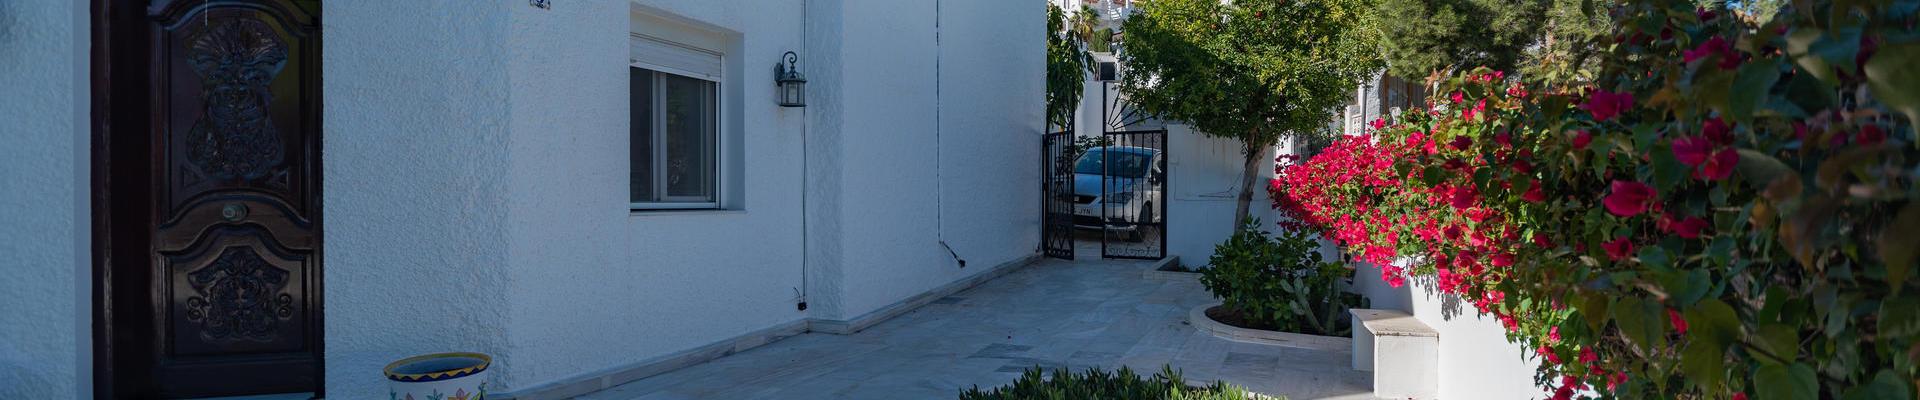 DV1498: 2 Habitación Chalet en venta